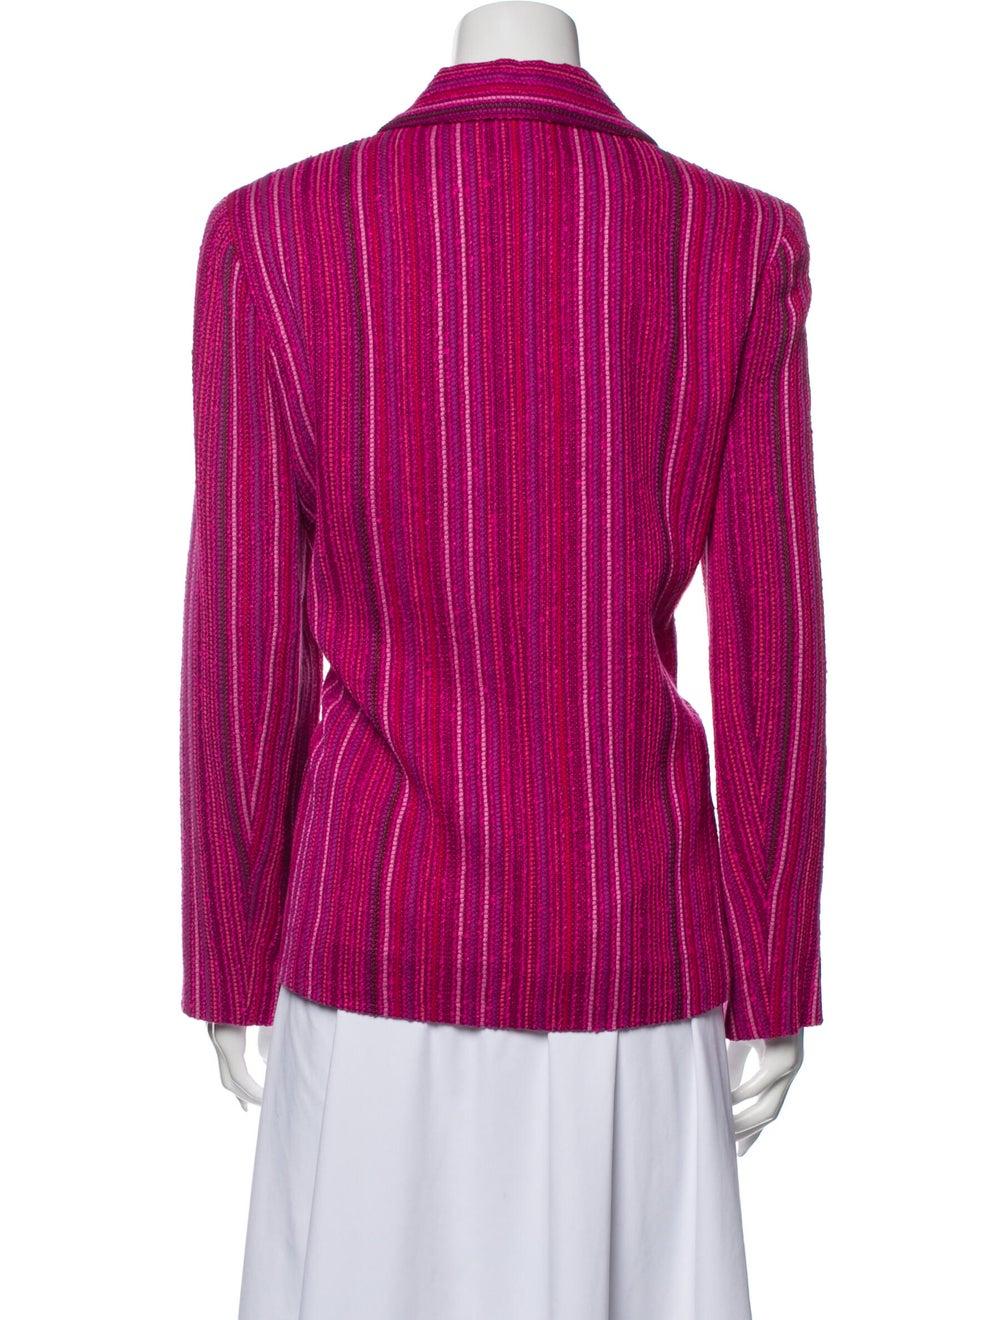 Chanel Vintage 2001 Blazer Pink - image 3